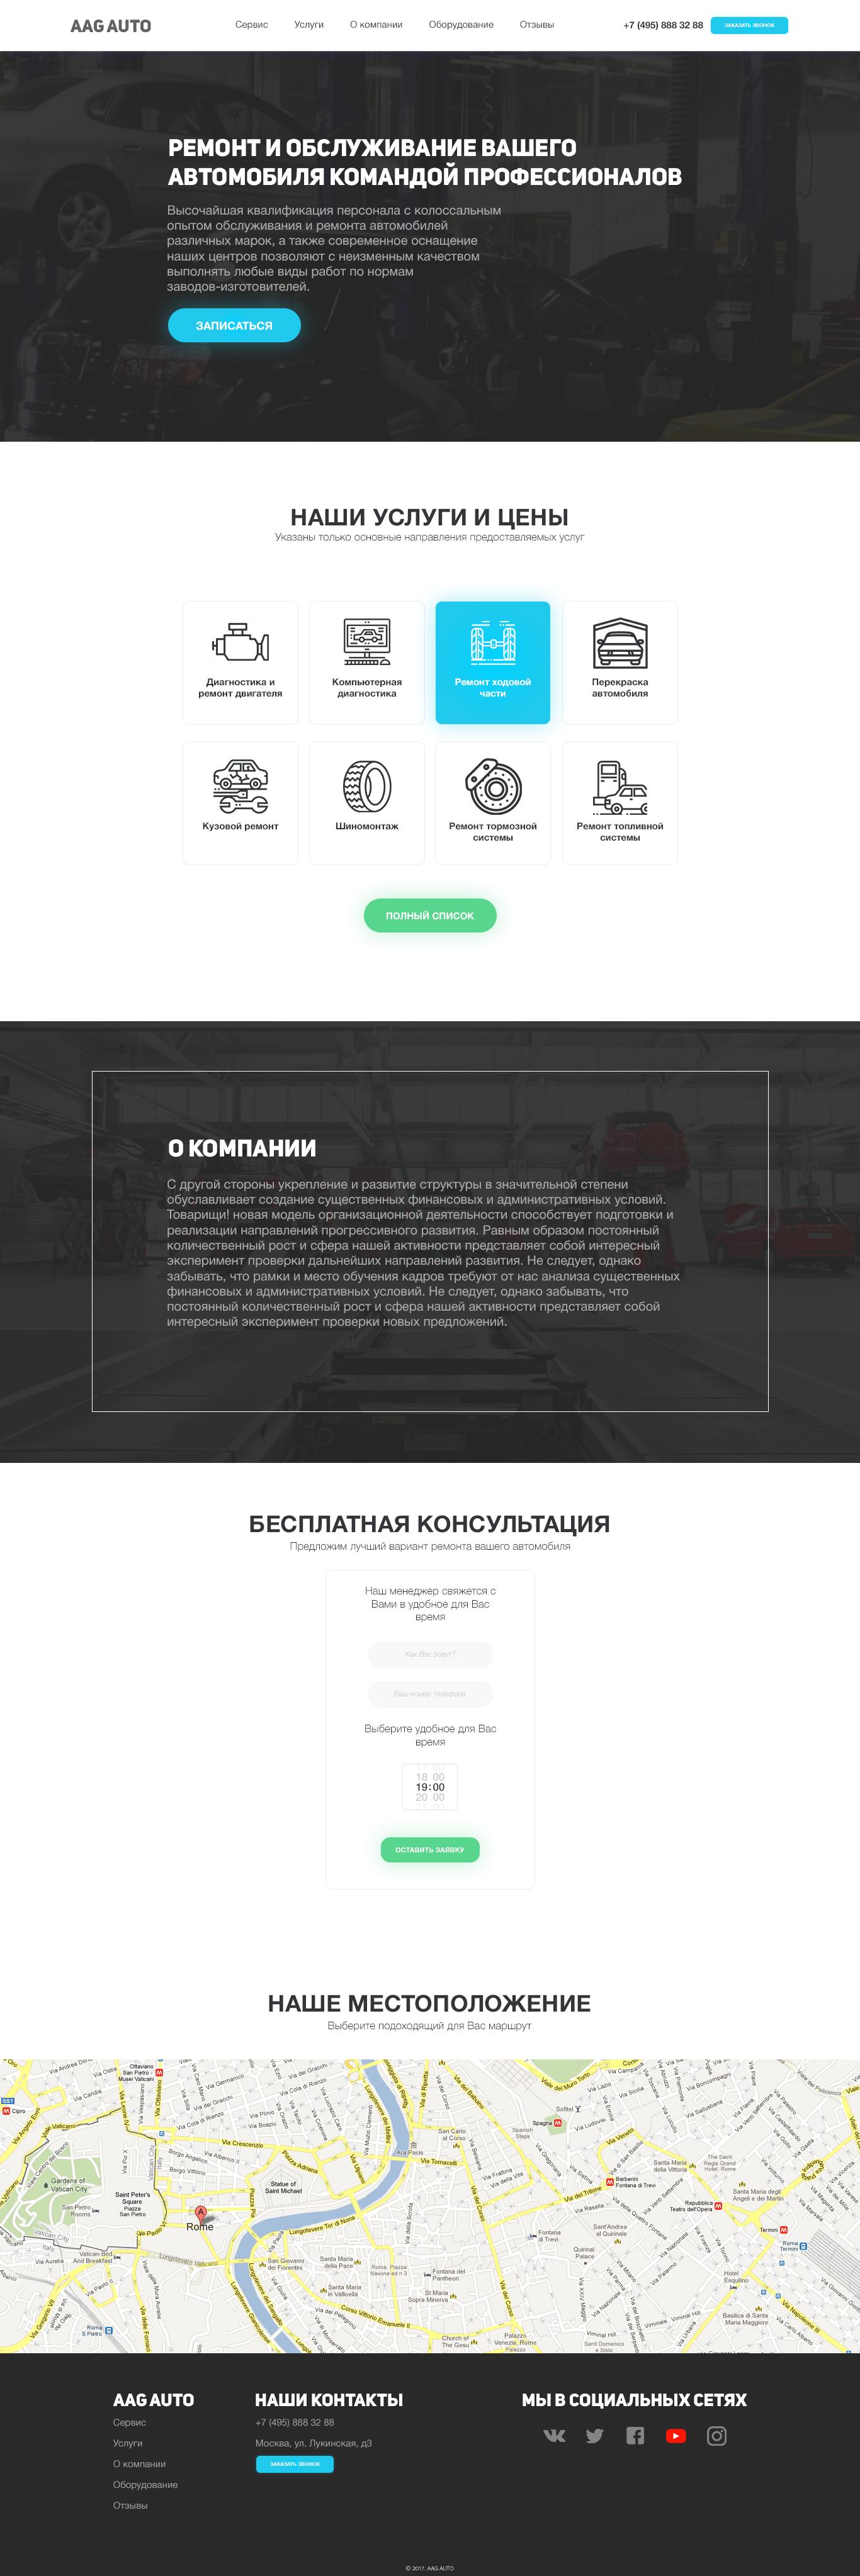 Дизайн сайта автосервиса фото f_60258ffa90d2493c.png